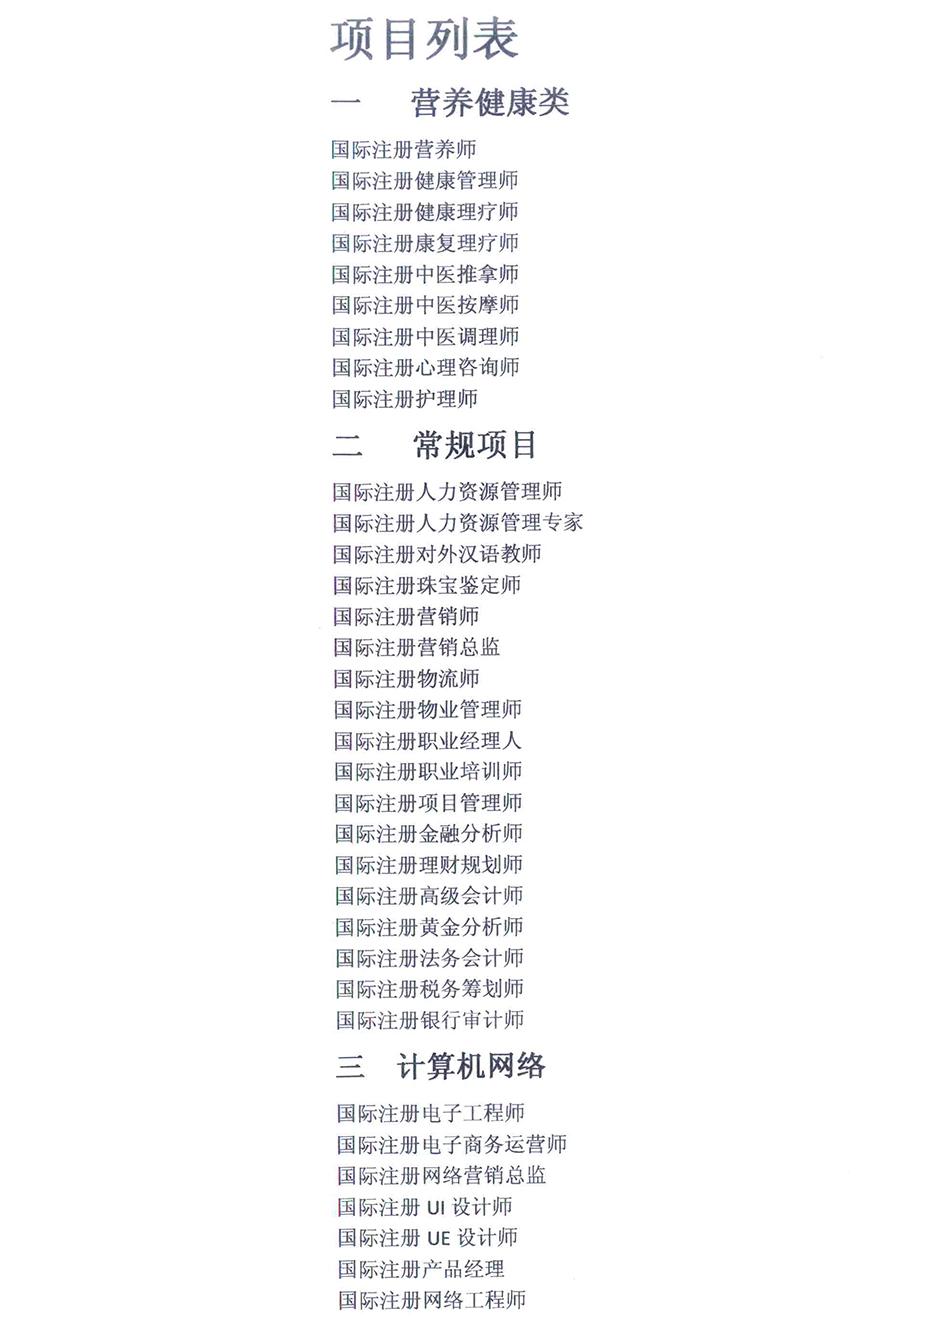 http://1559595390.qy.iwanqi.cn/160217093553084708474770.jpg